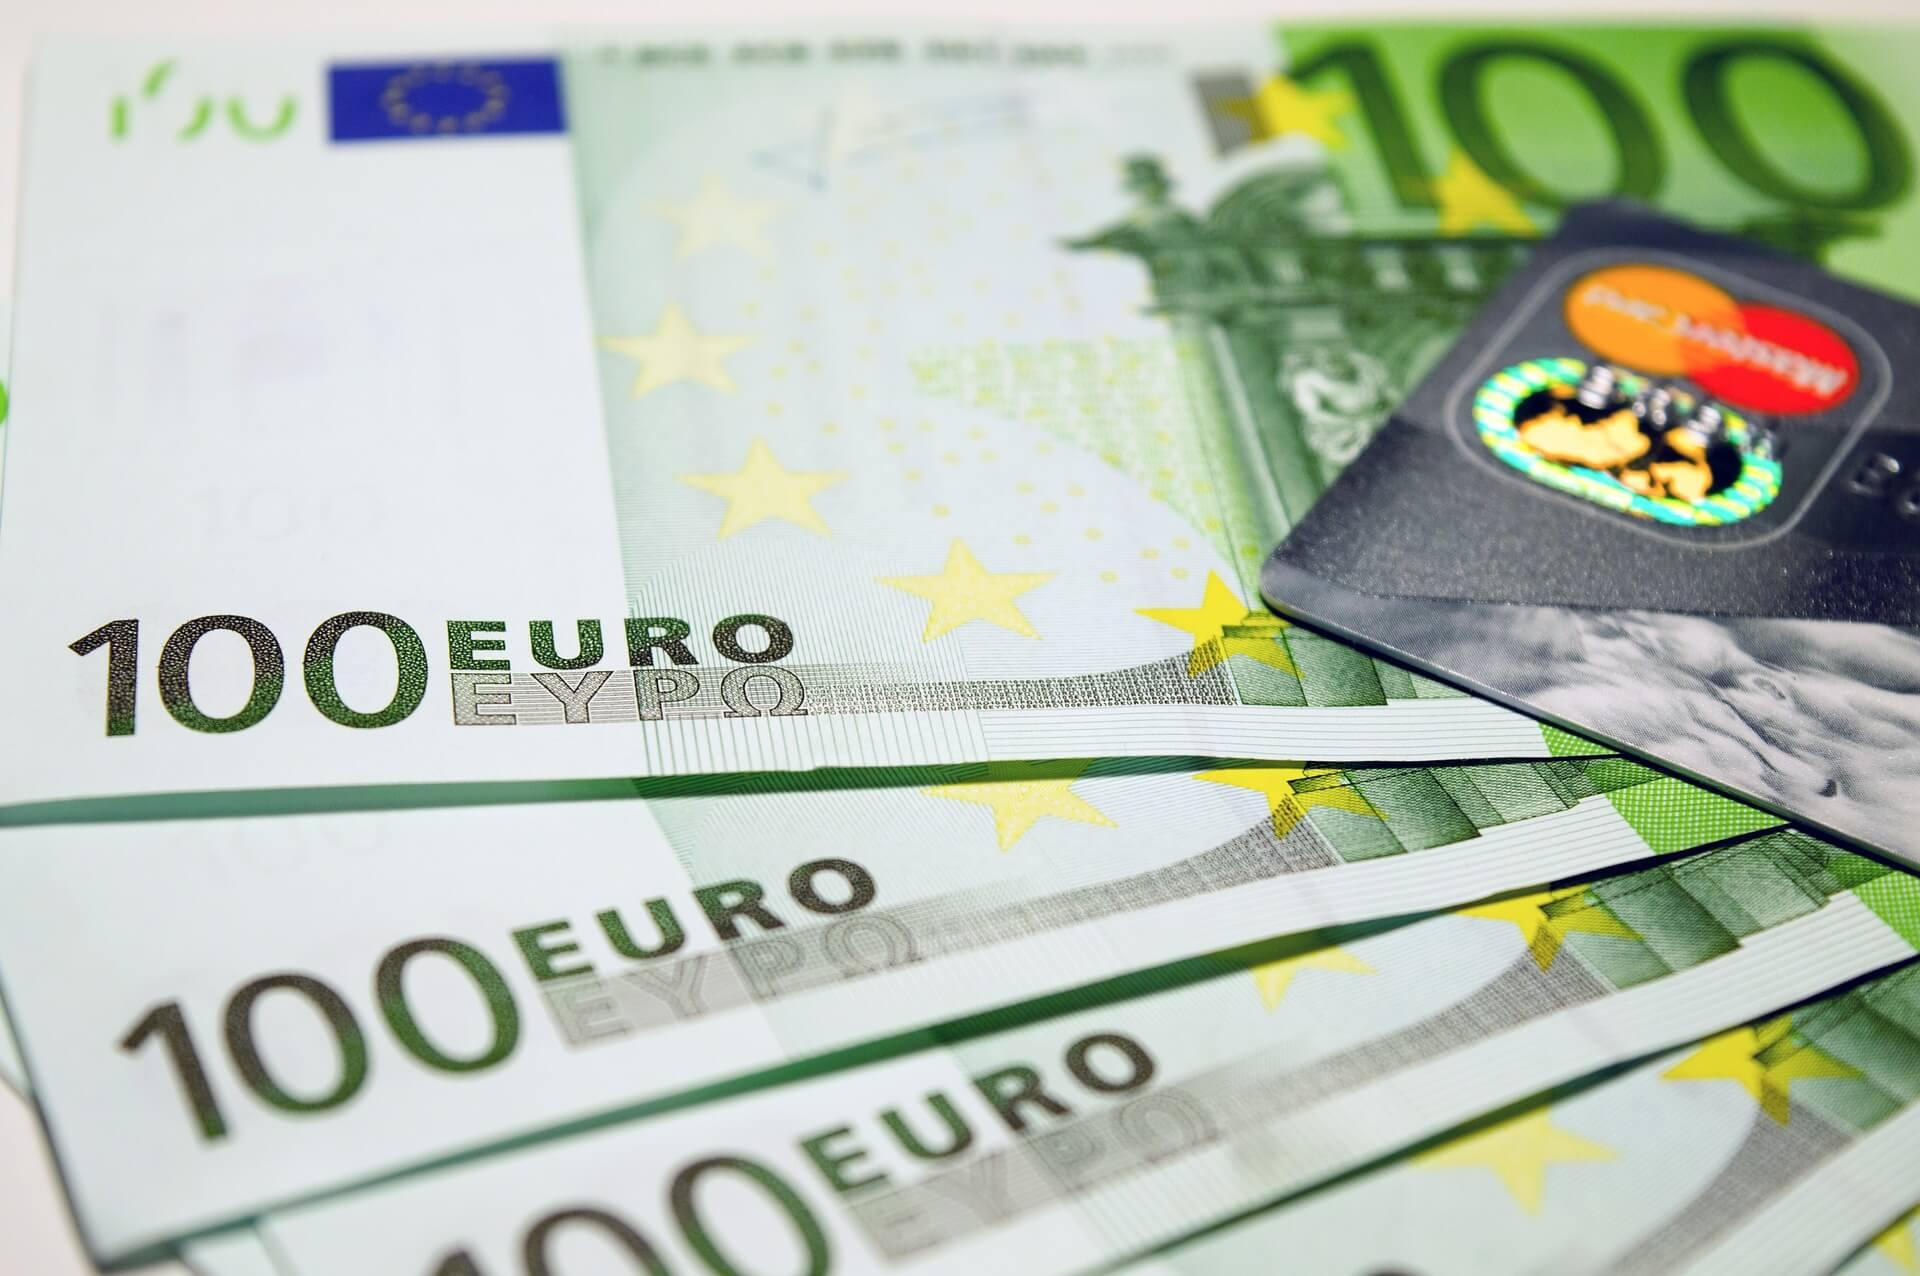 Elterngeld: Gehaltsnachzahlungen können das Elterngeld erhöhen